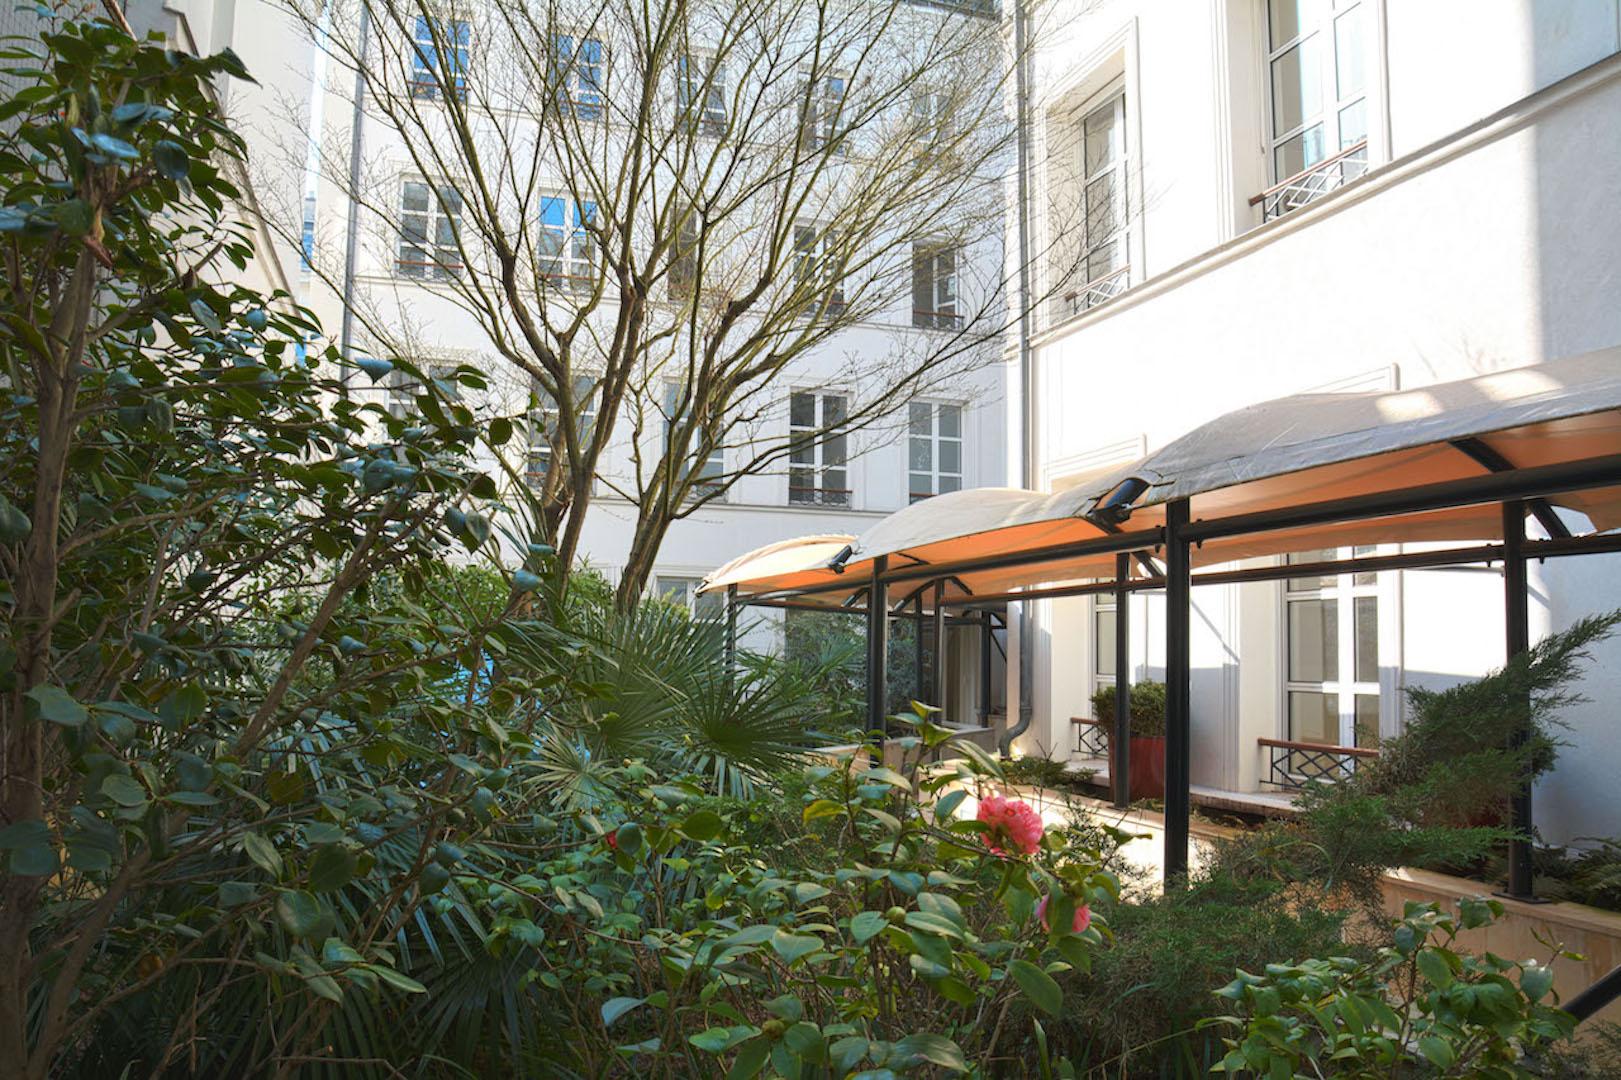 extérieur du business center avec espaces verts donnant sur des batiments traditionnelles de Paris